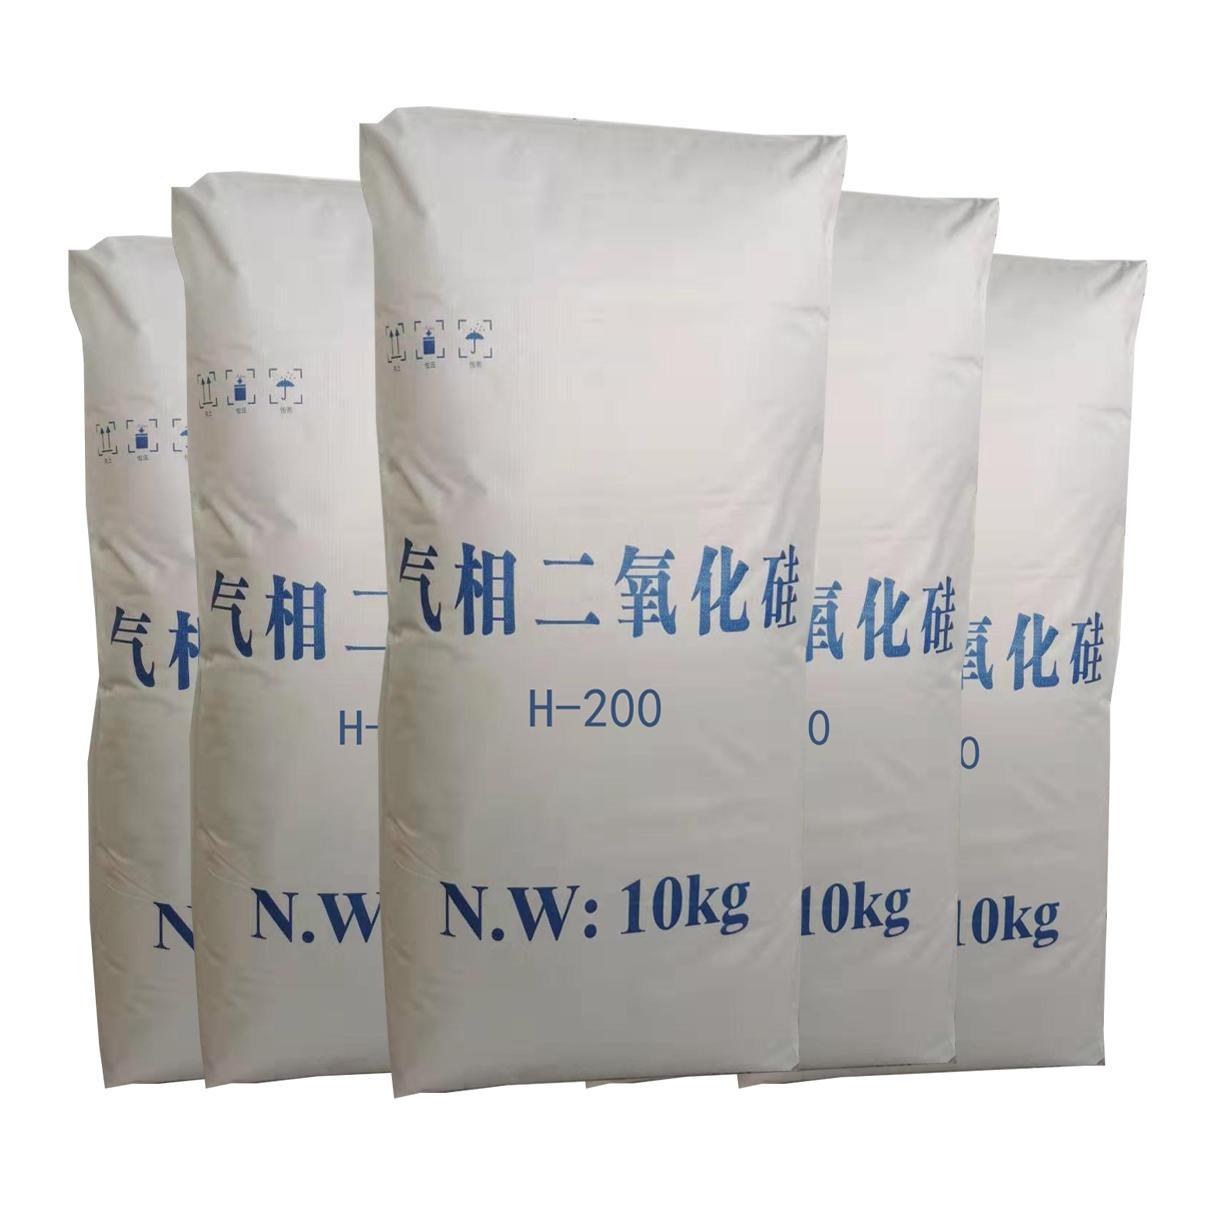 立华白炭黑厂家供应气相白炭黑H-200